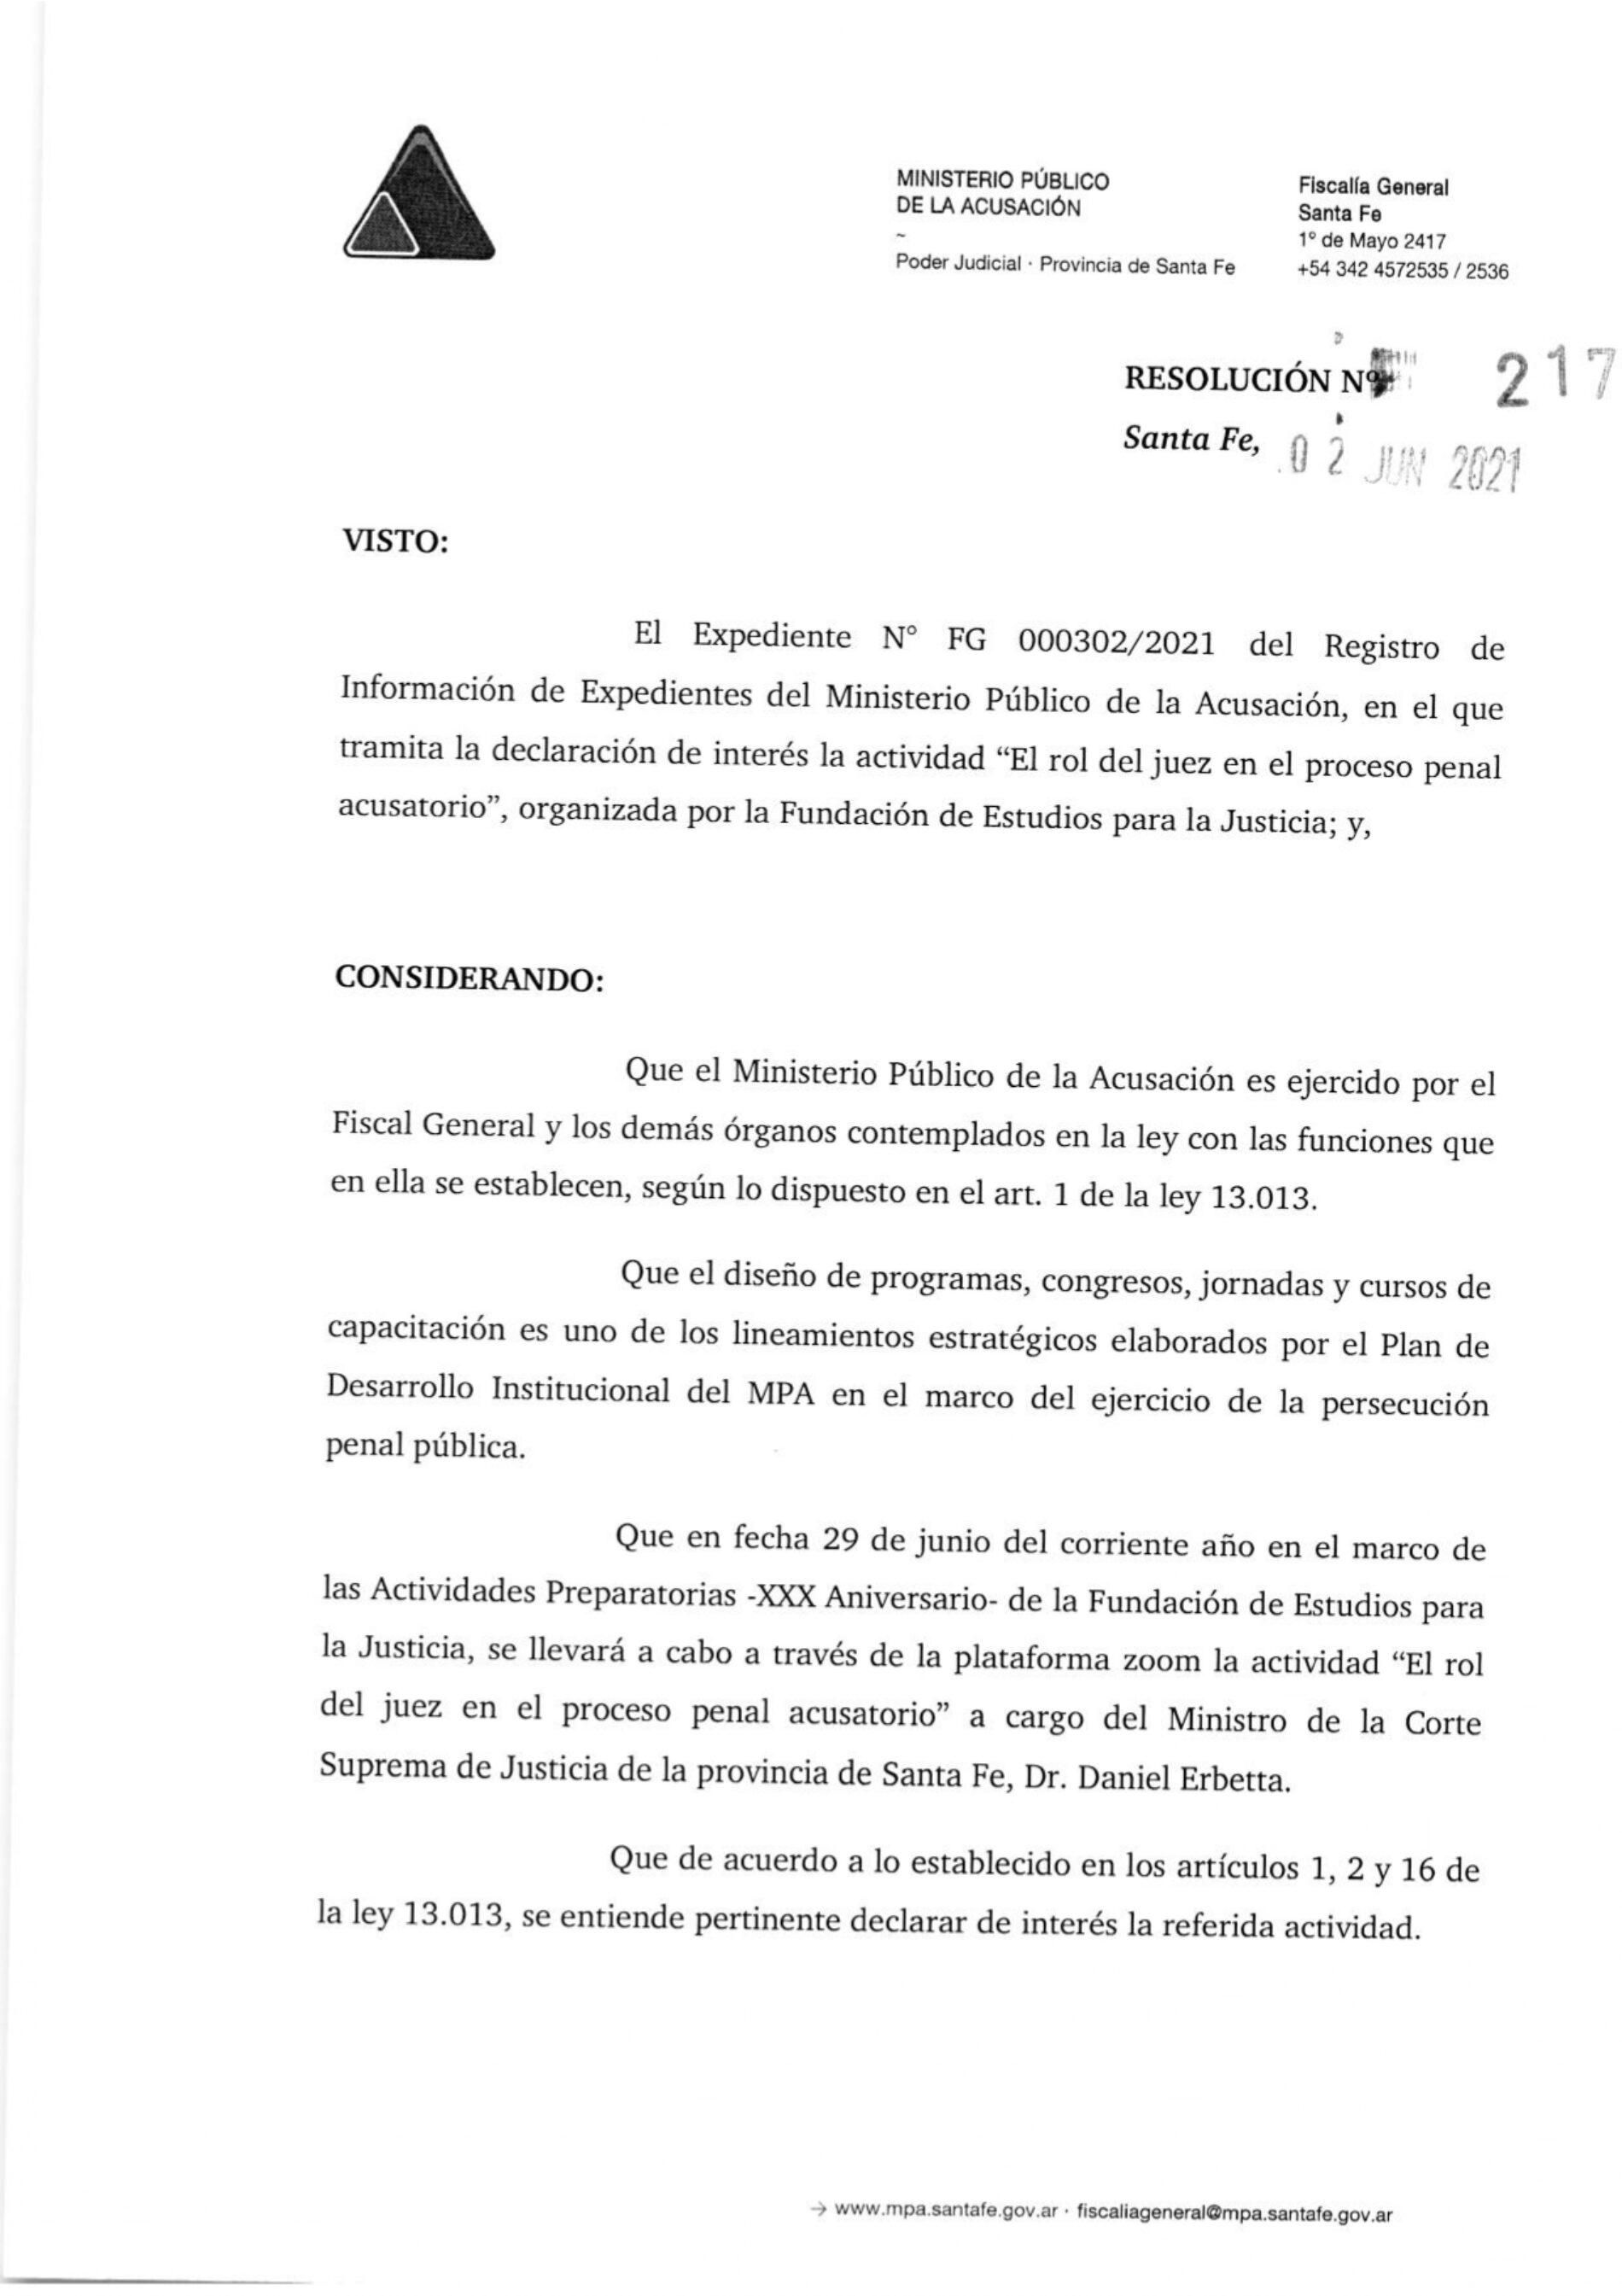 Declaración de interés (Res. 217/21) Ministerio Público de la Acusación – Actividad: «El rol del Juez en el proceso penal acusatorio»